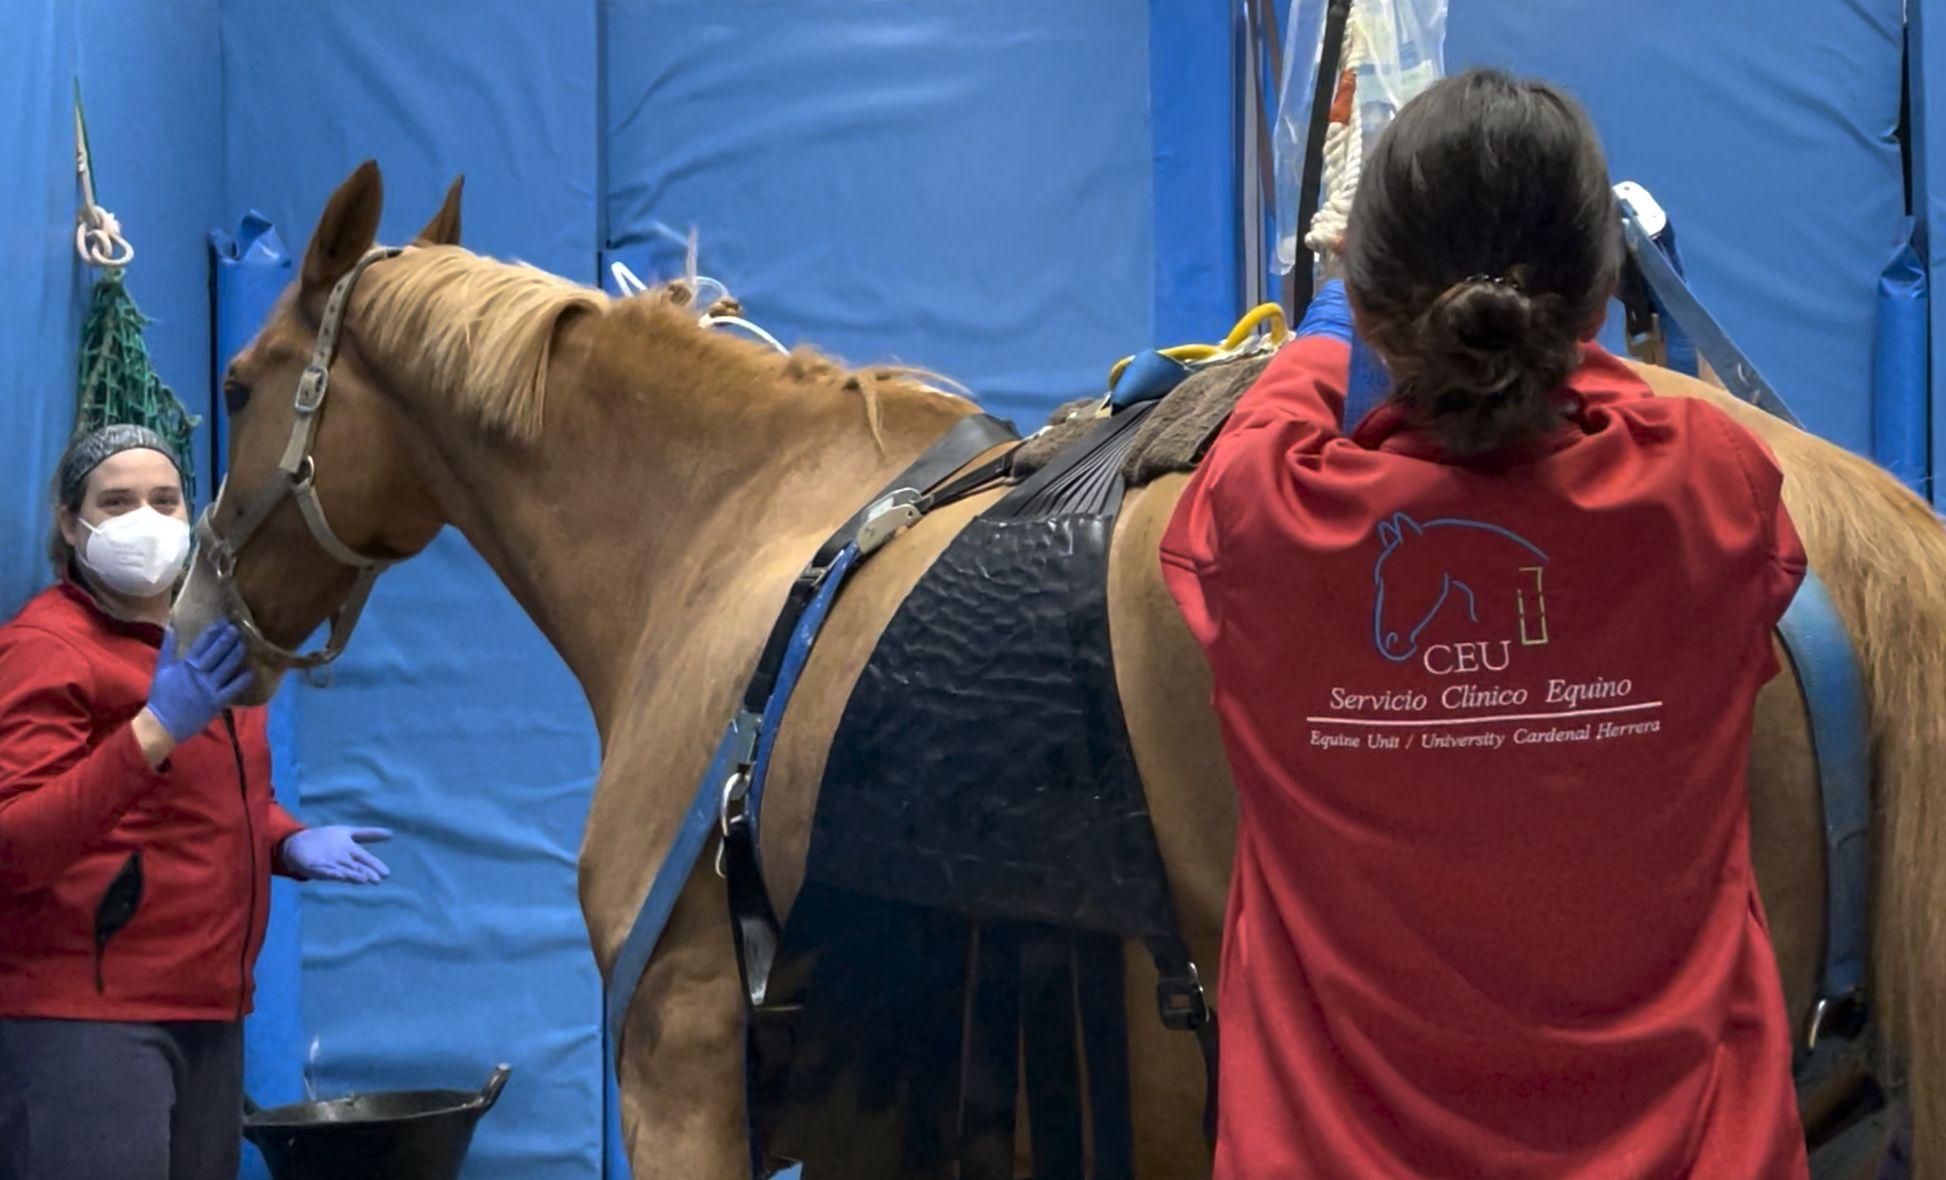 Los caballos afectados por herpesvirus equino tratados en el hospital del la CEU UCH